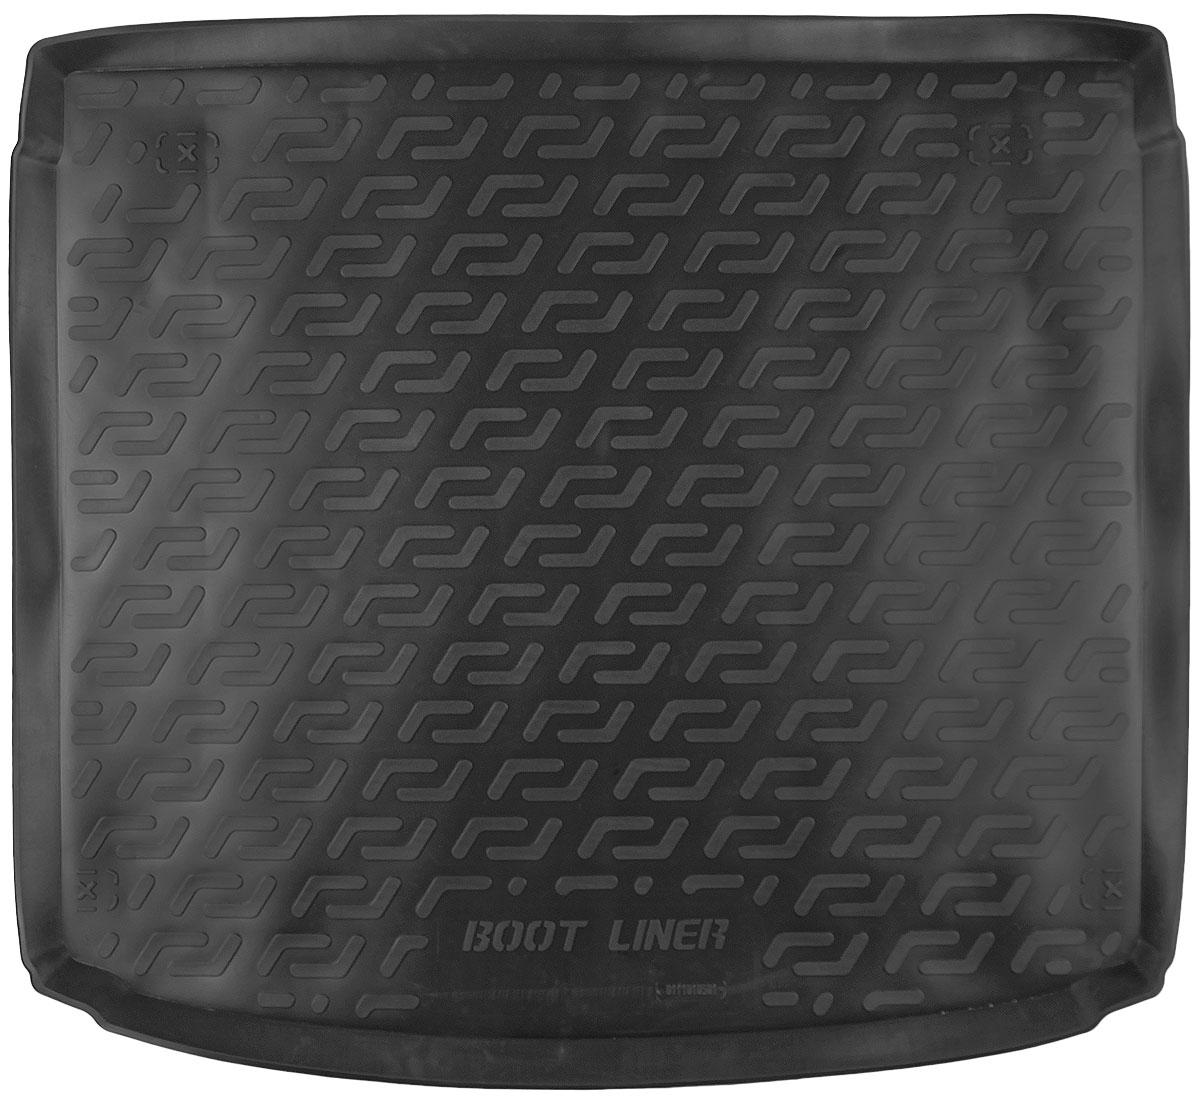 Коврик в багажник L.Locker, для Opel Astra H Caravan (04-)0111010501Коврик L.Locker производится индивидуально для каждой модели автомобиля из современного и экологически чистого материала. Изделие точно повторяет геометрию пола автомобиля, имеет высокий борт, обладает повышенной износоустойчивостью, антискользящими свойствами, лишен резкого запаха и сохраняет свои потребительские свойства в широком диапазоне температур (от -50°С до +80°С).